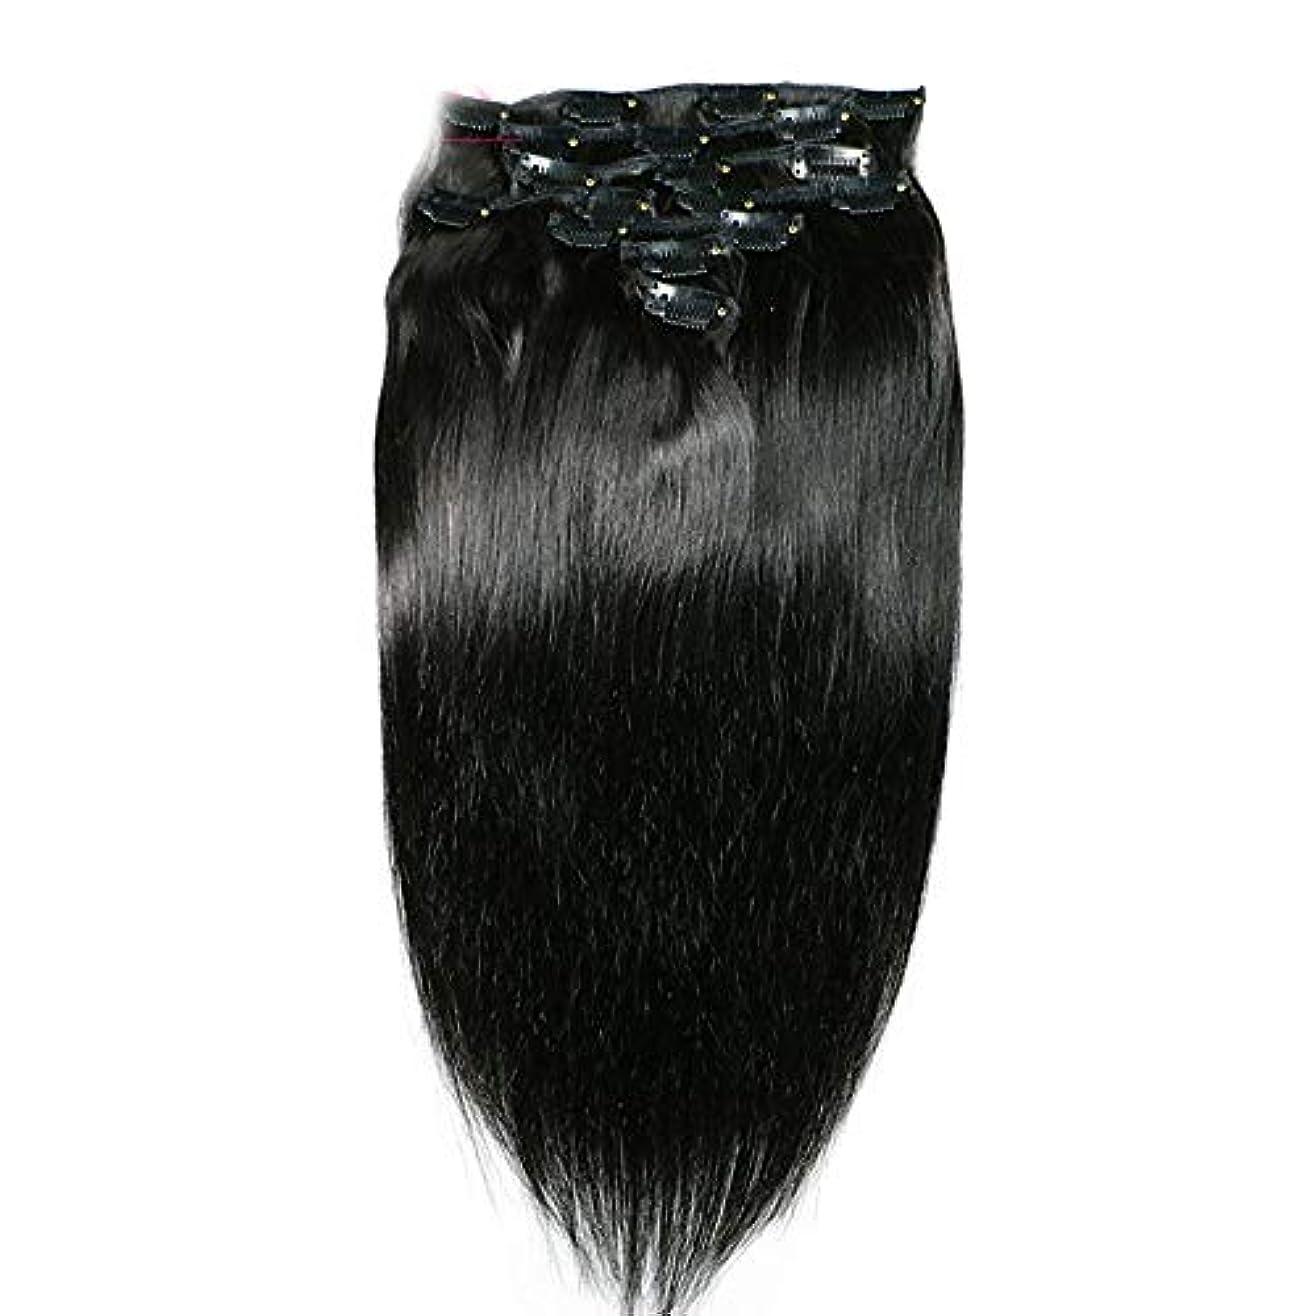 マーキーネックレットミンチHOHYLLYA ヘアエクステンションクリップ人間の髪の毛のremyフルヘッドダブル横糸ストレートヘアピースナチュラルブラックコンポジットヘアレースかつらロールプレイングウィッグロングとショートの女性自然 (色 : 黒,...